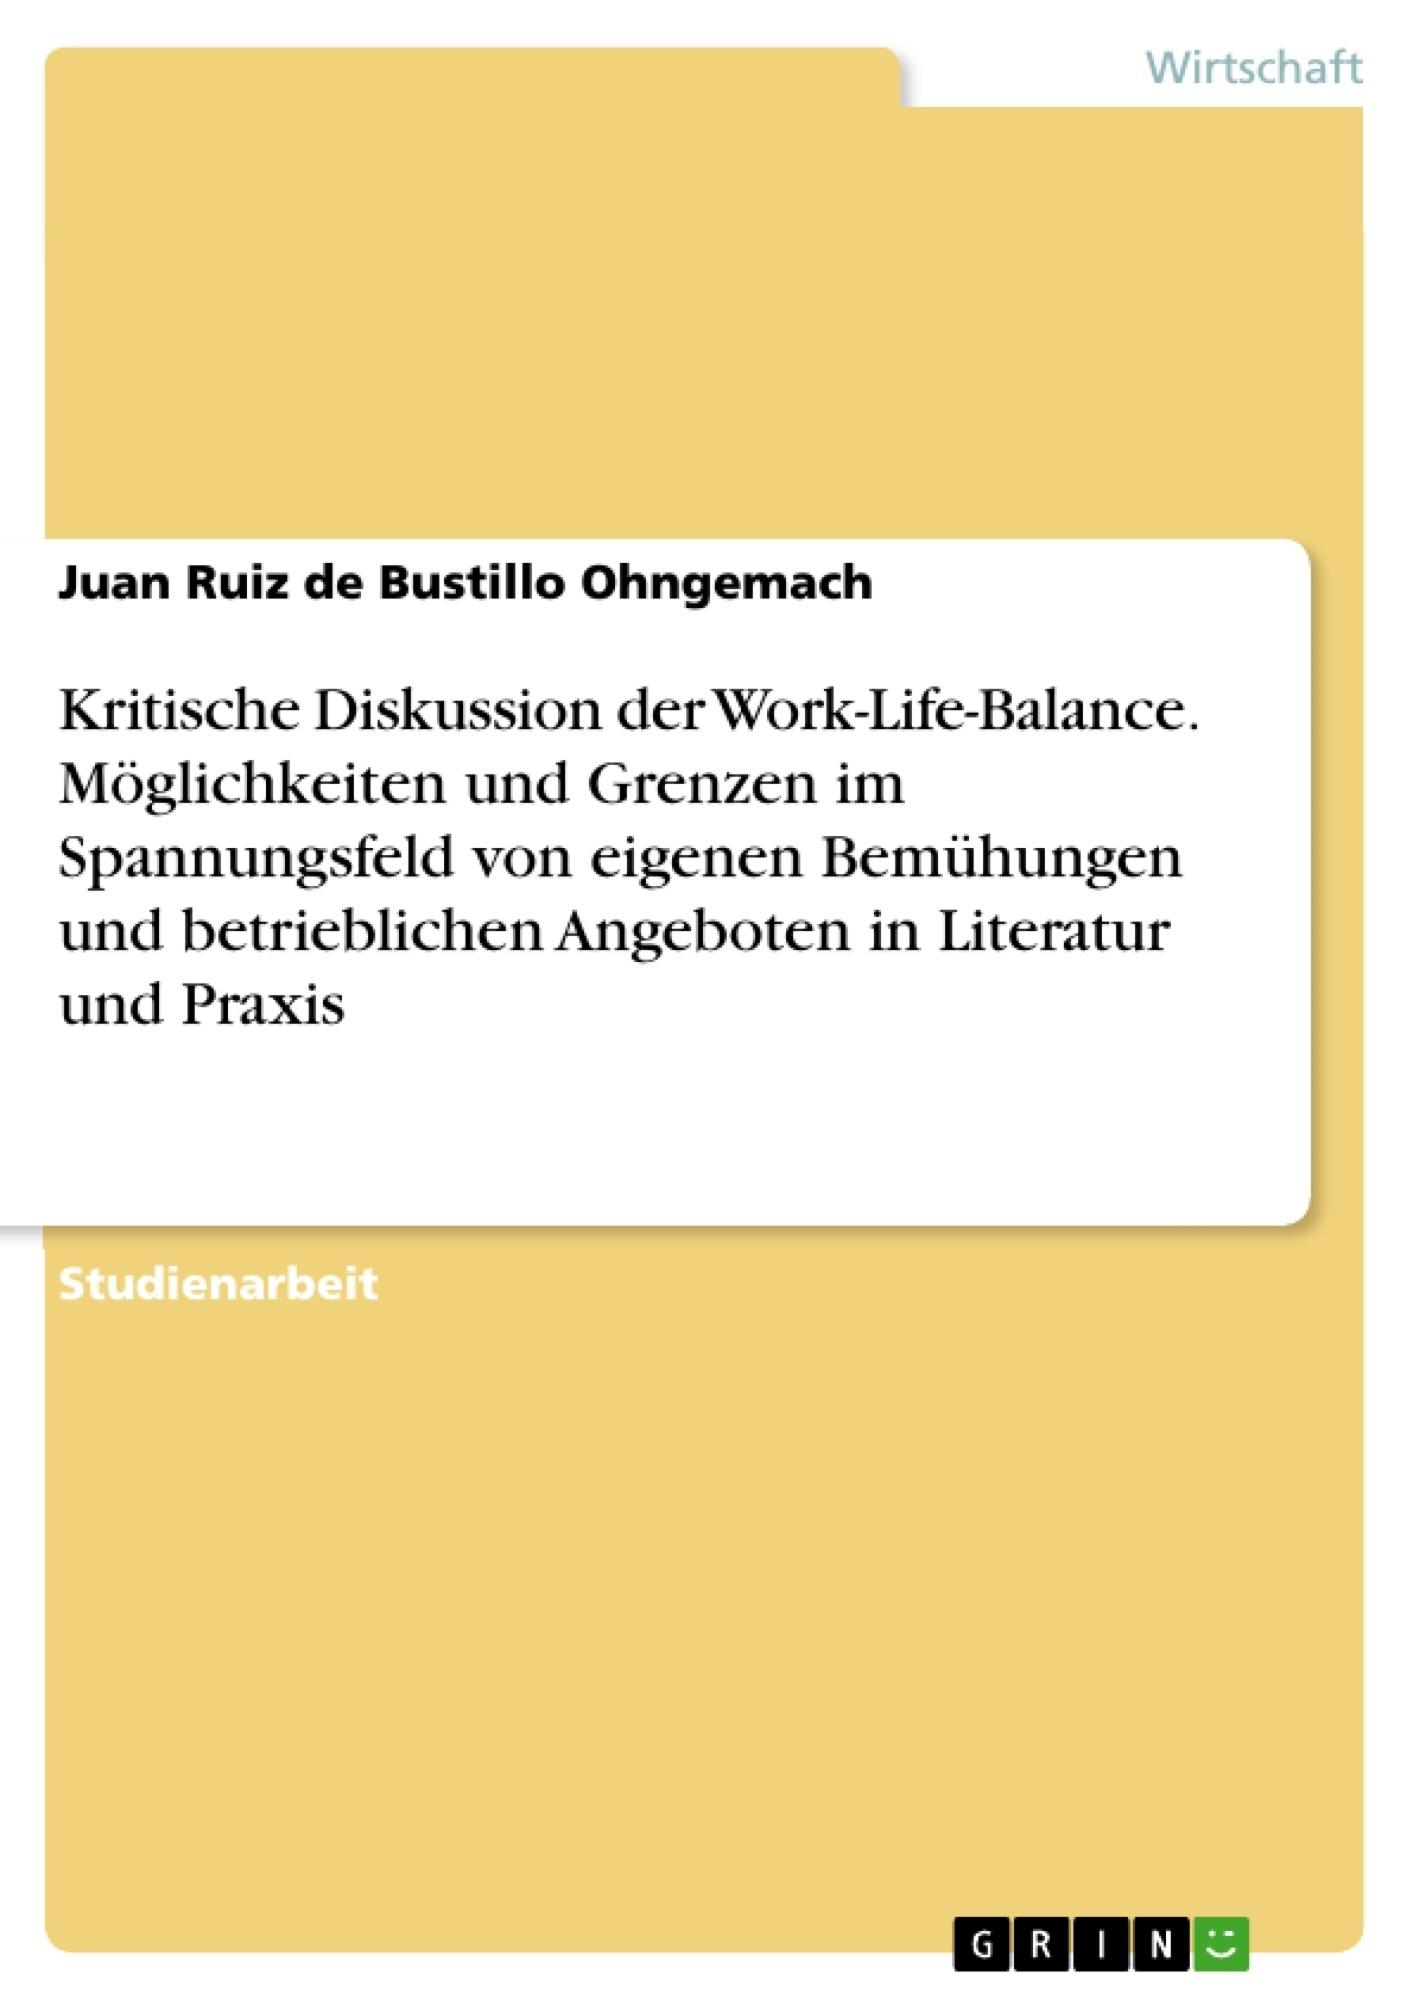 Titel: Kritische Diskussion der Work-Life-Balance. Möglichkeiten und Grenzen im Spannungsfeld von eigenen Bemühungen und betrieblichen Angeboten in Literatur und Praxis